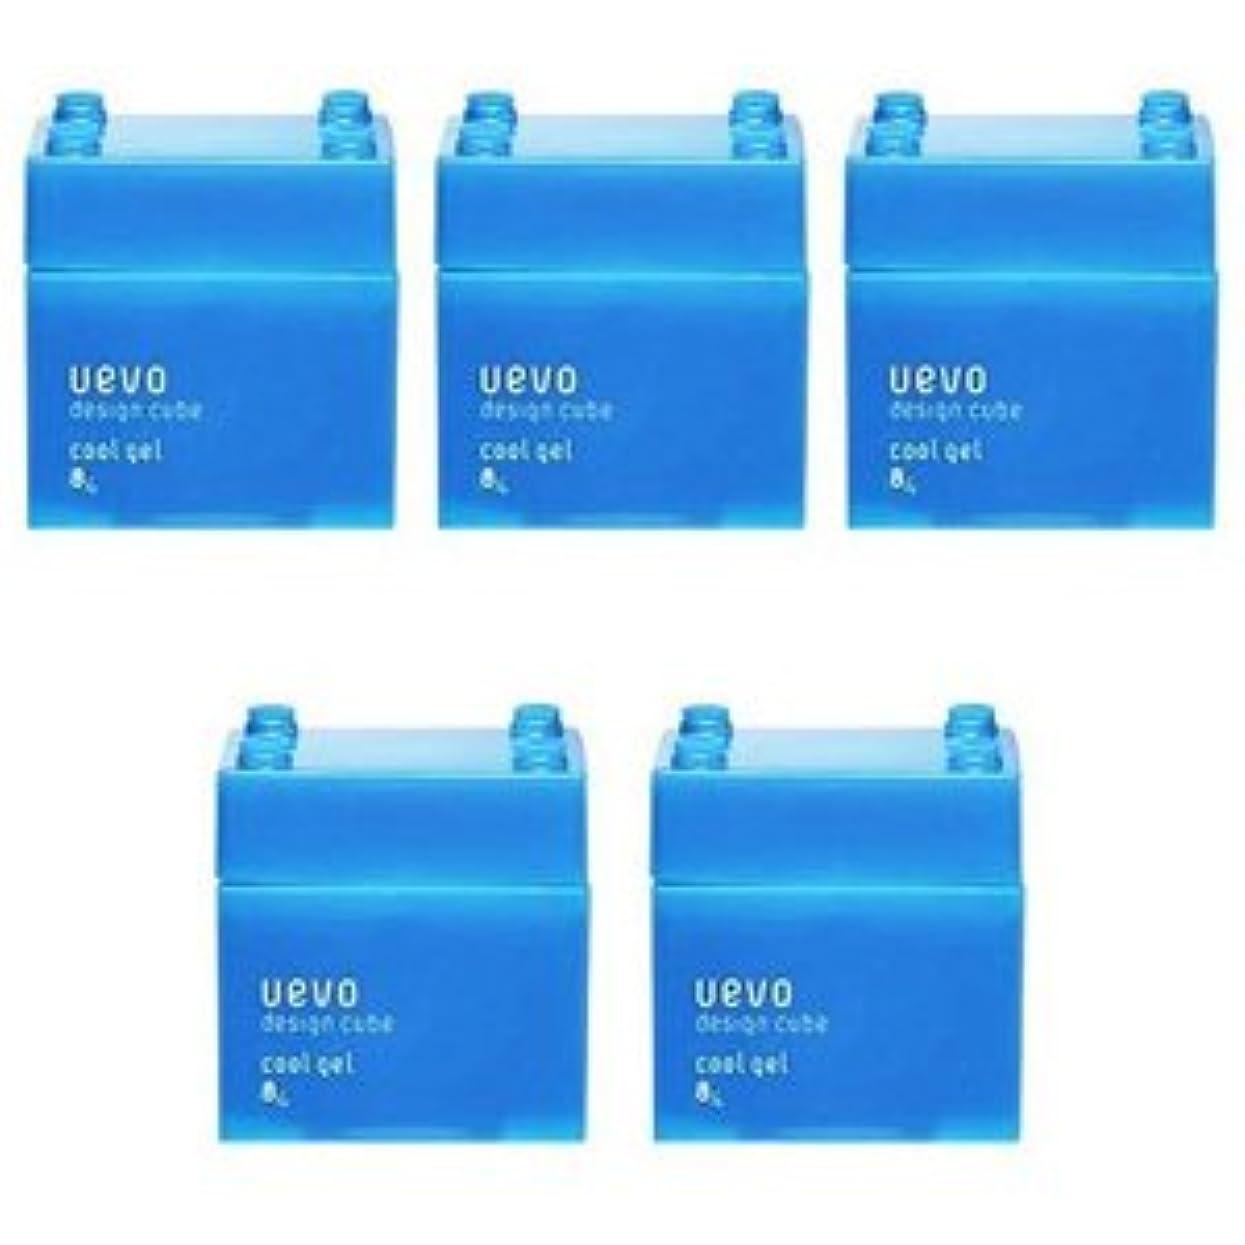 倉庫因子おかしい【X5個セット】 デミ ウェーボ デザインキューブ クールジェル 80g cool gel DEMI uevo design cube